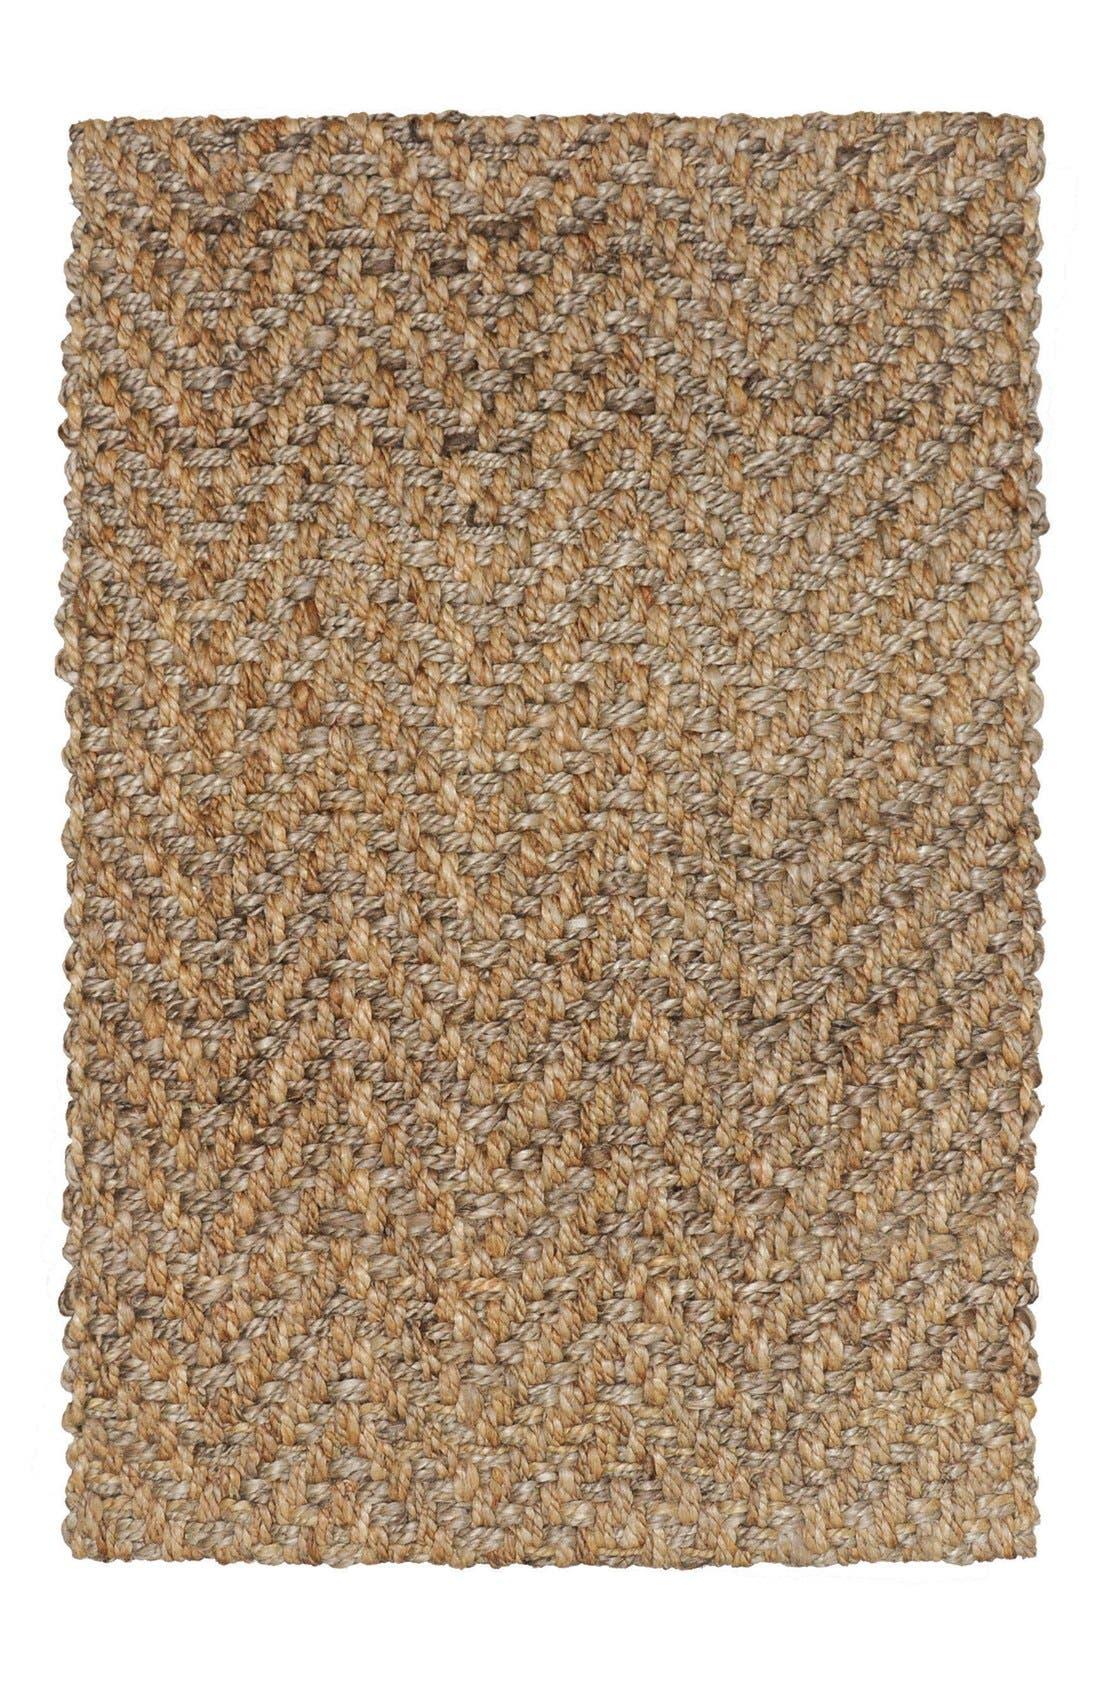 Herringbone Handwoven Rug,                             Main thumbnail 1, color,                             250